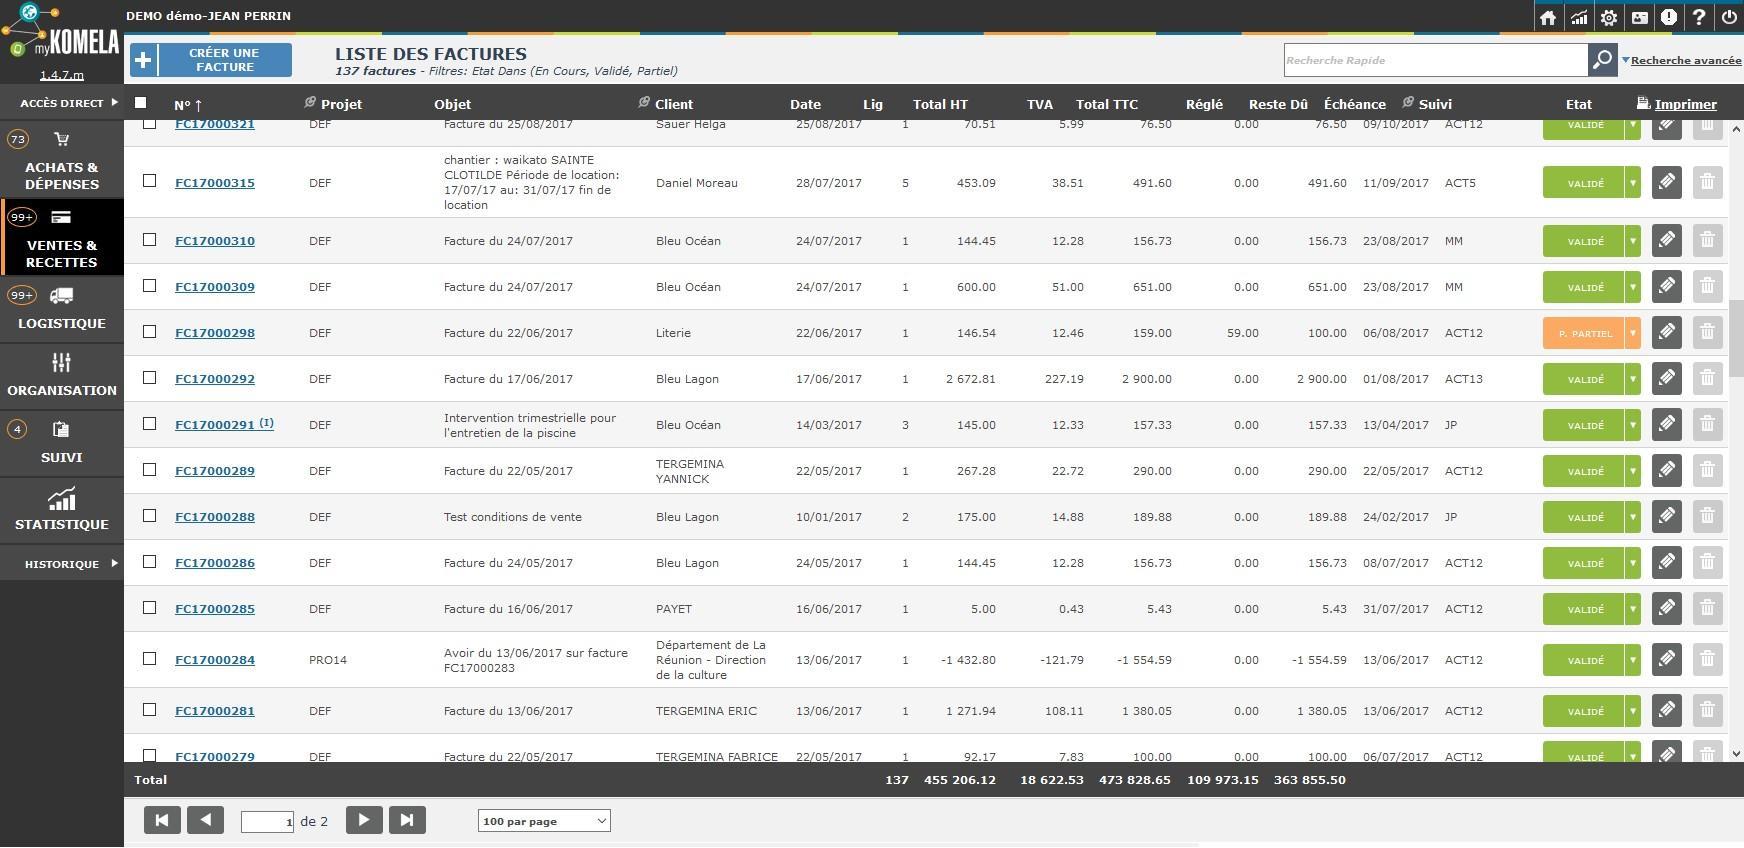 Liste des factures en cours avec statut d'avancement